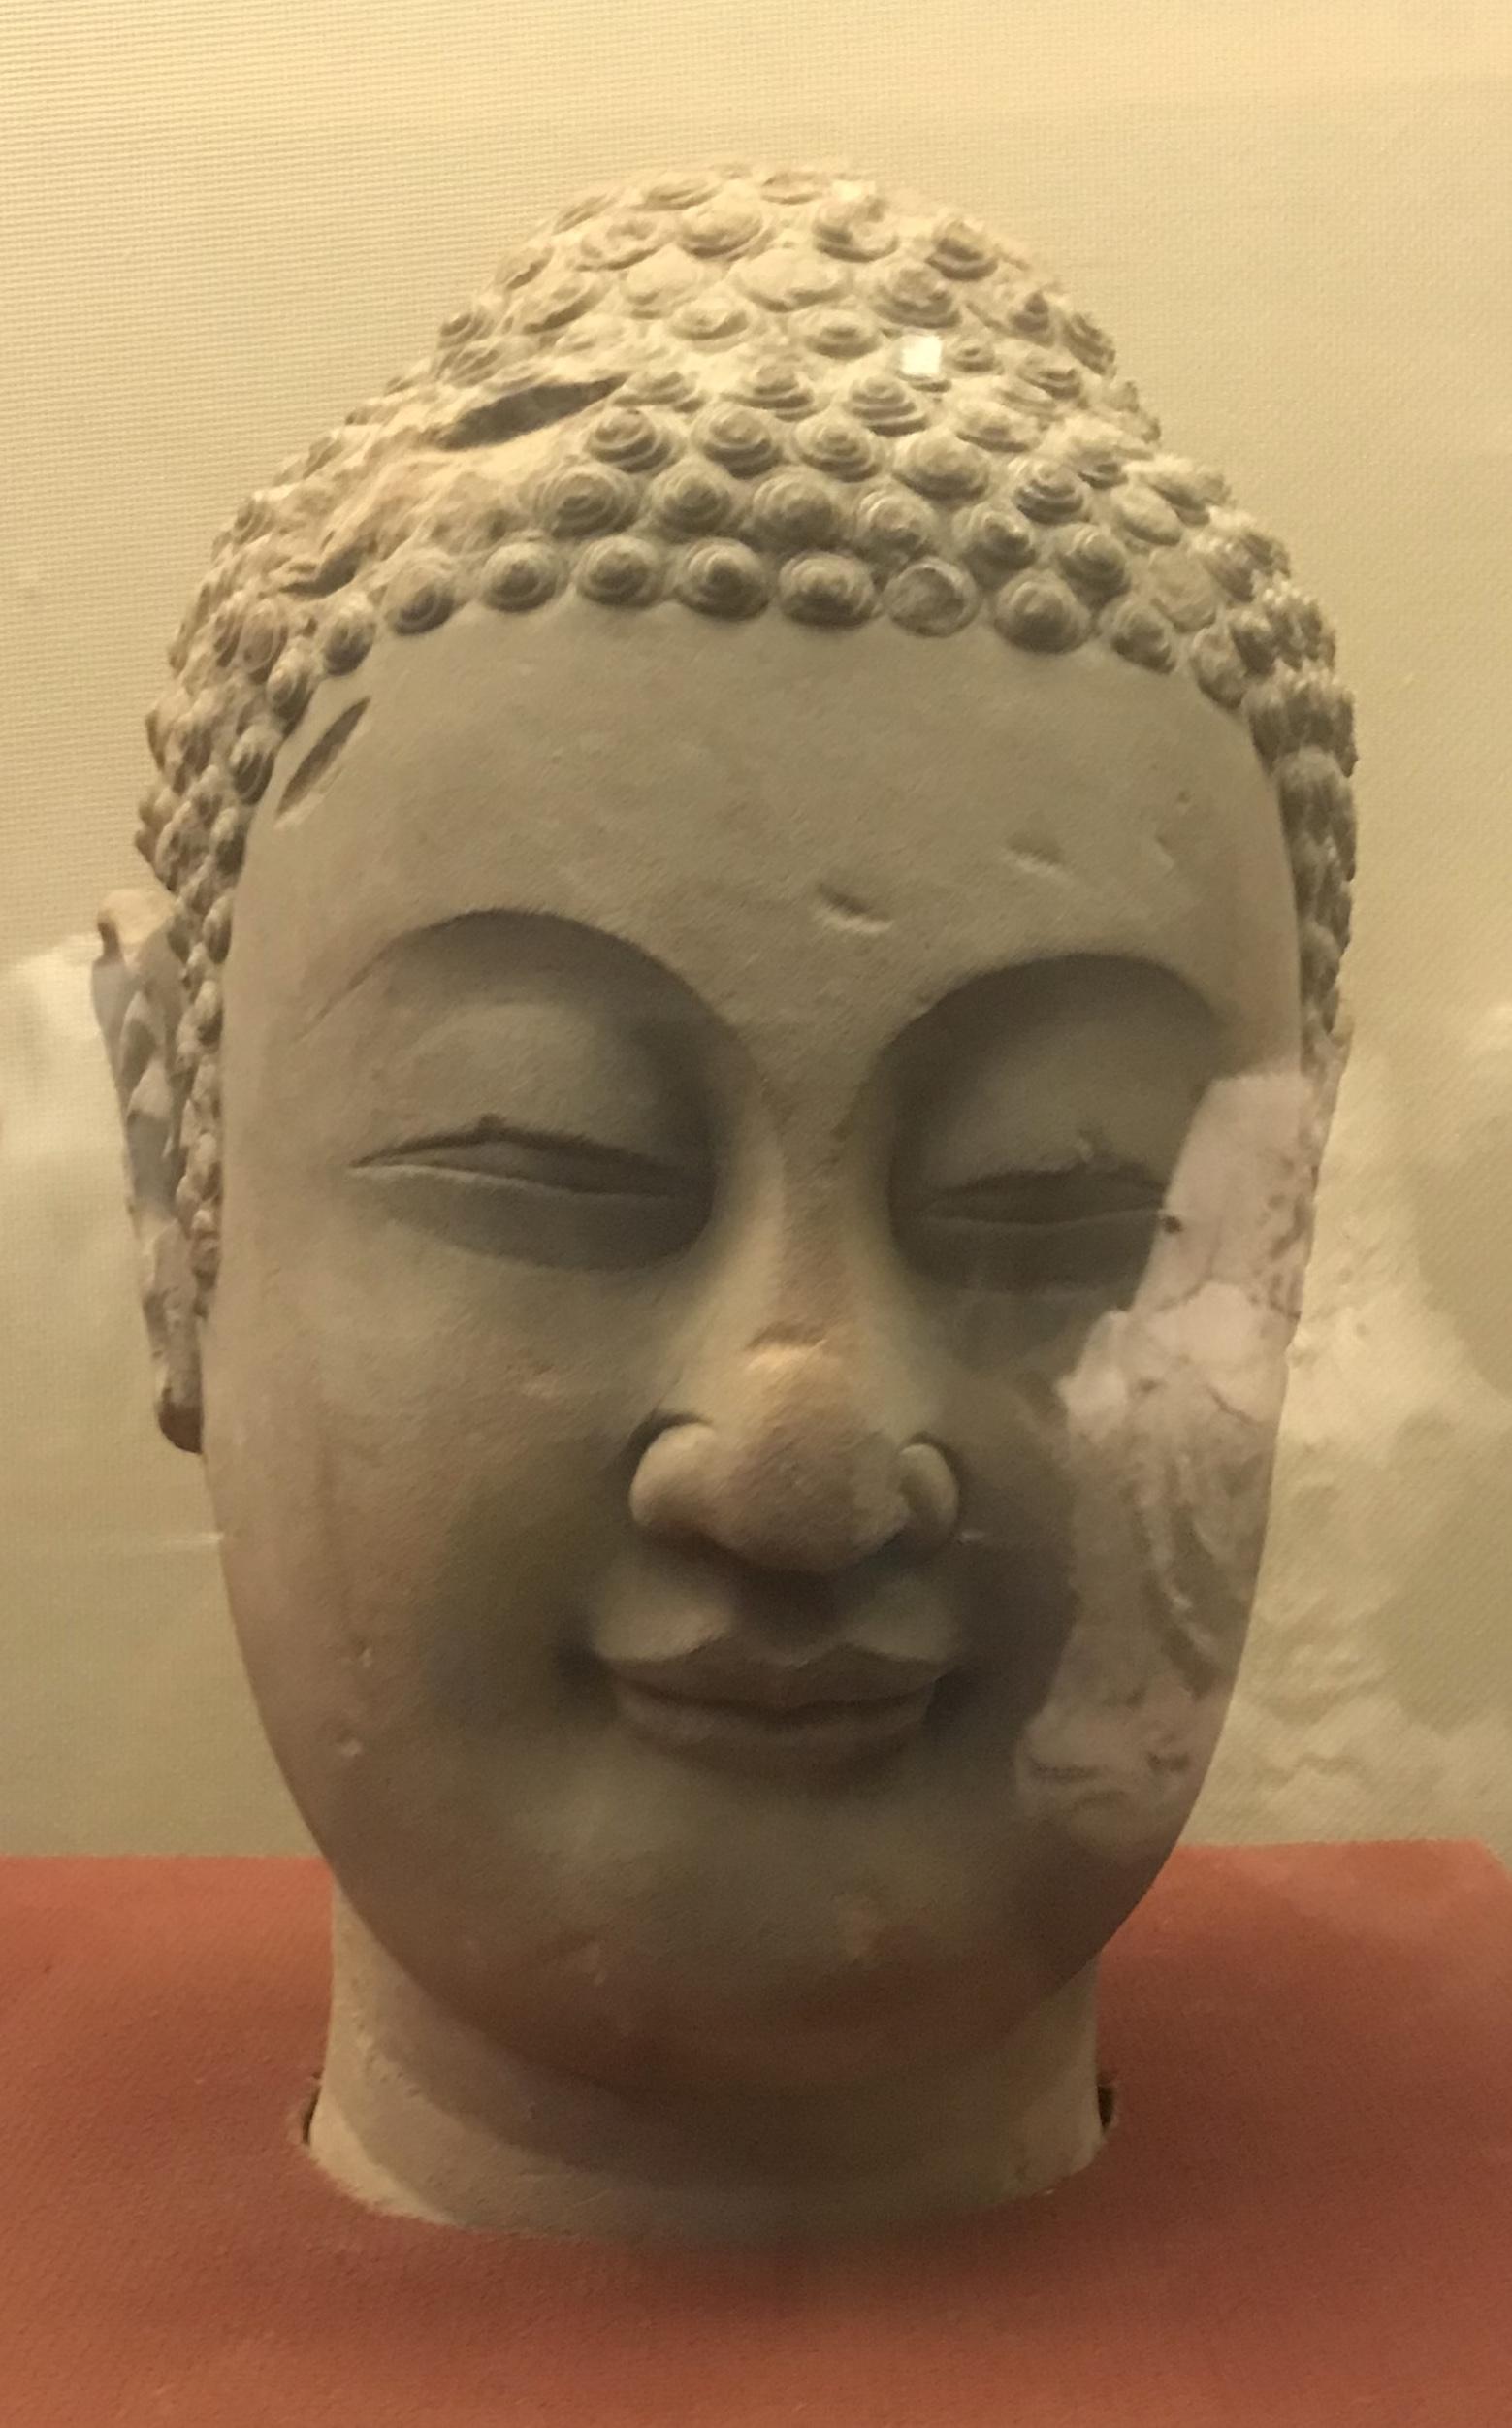 仏頭像5-南北朝-万仏寺遺跡-四川万仏寺石刻館-四川博物院-成都